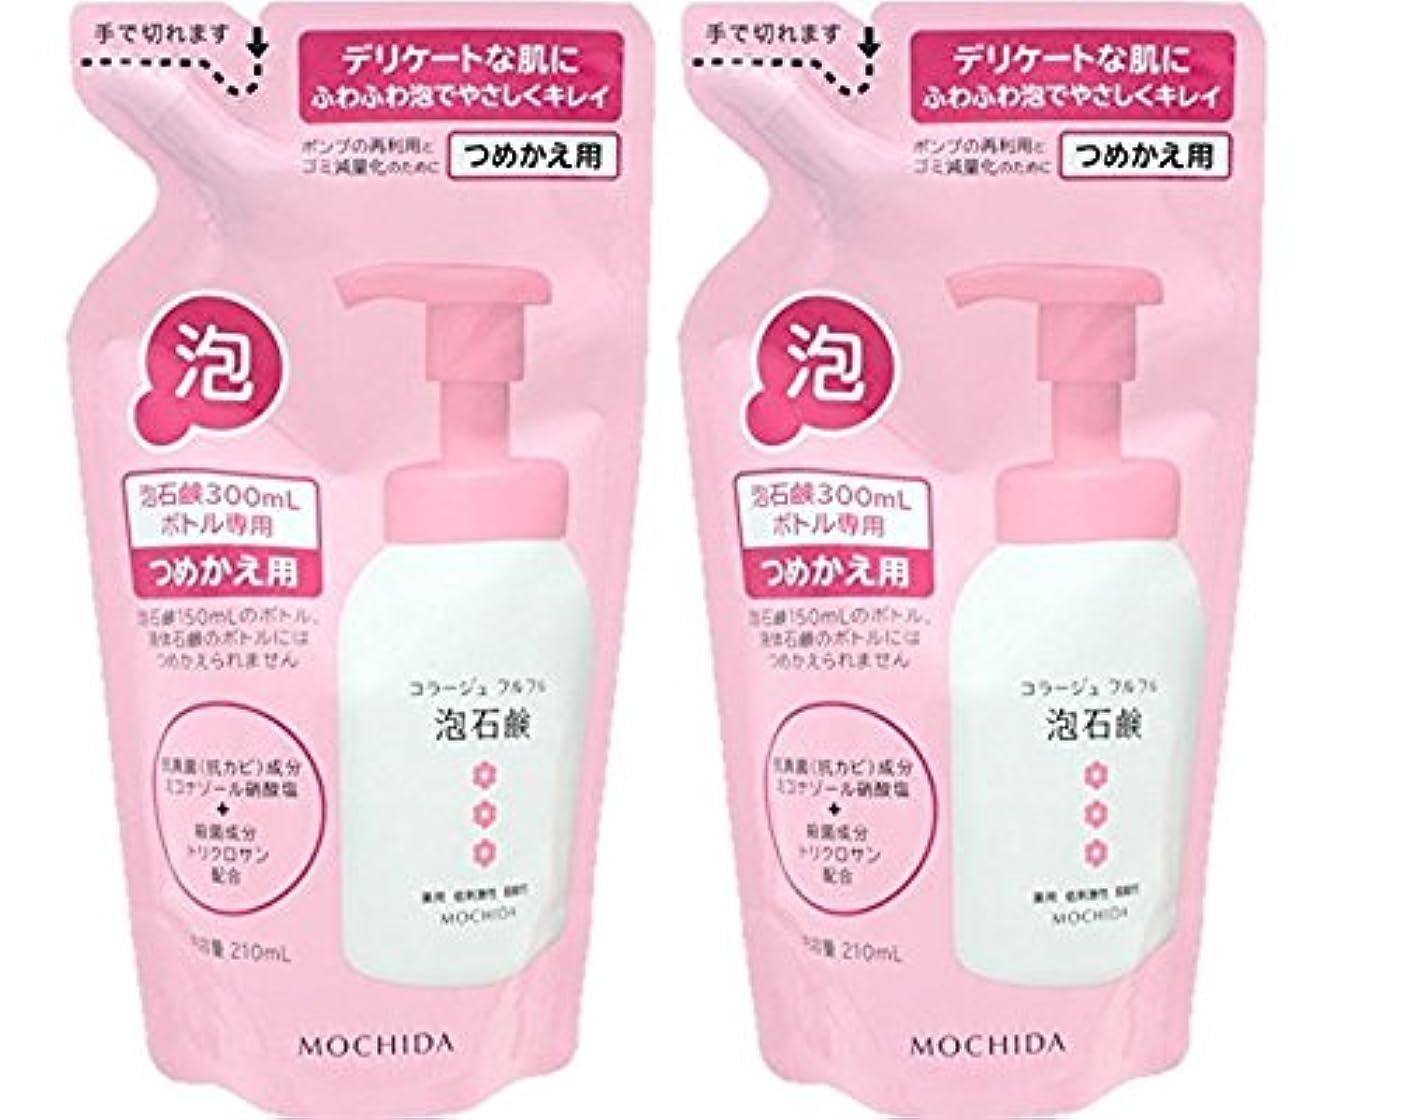 借りる一時停止バウンドコラージュフルフル 泡石鹸 ピンク つめかえ用 210mL (医薬部外品)×2